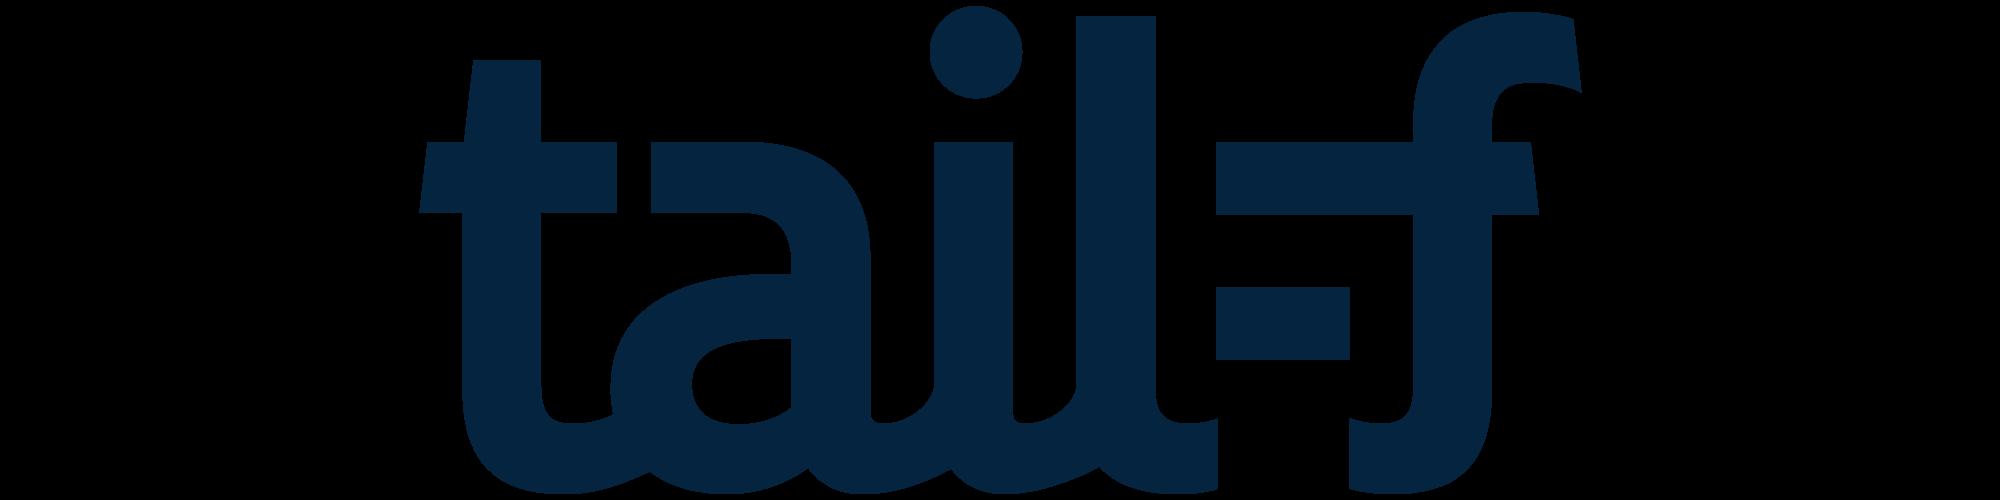 logo-tail-f